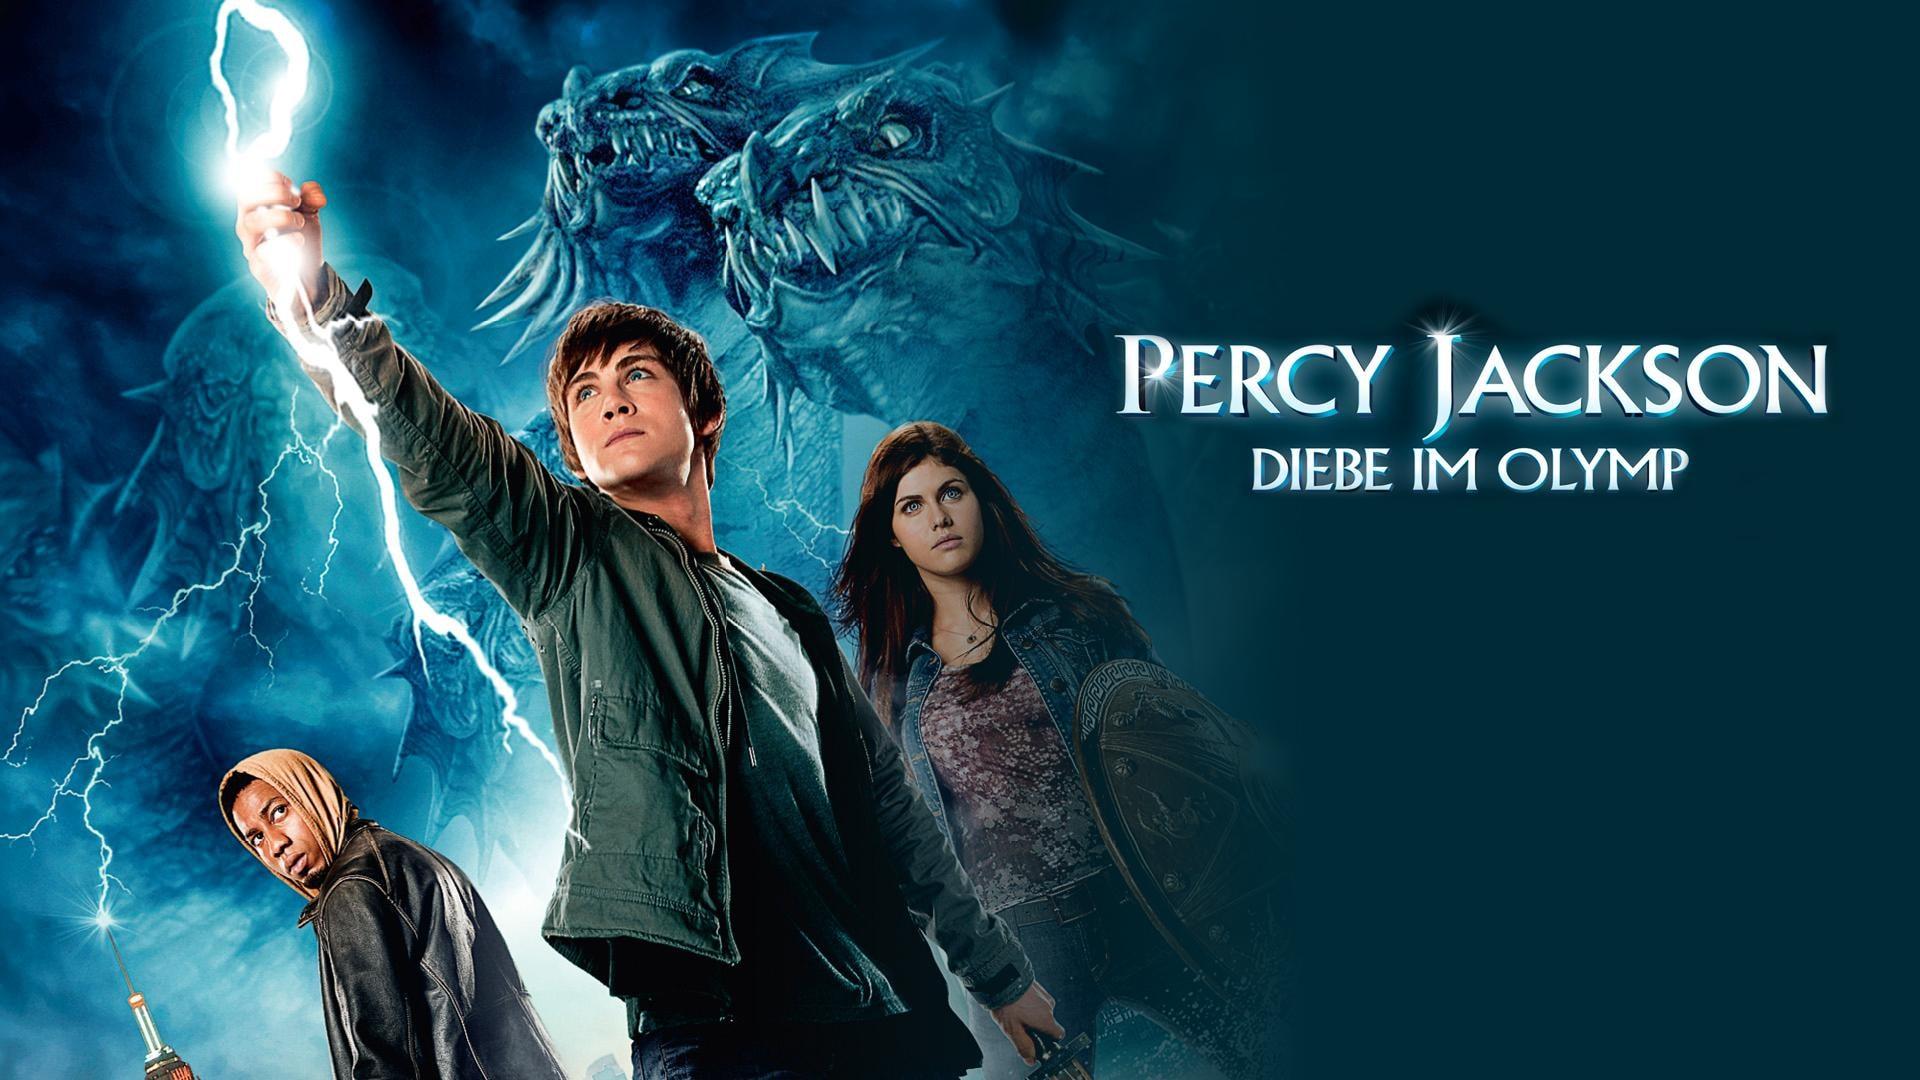 günstig kaufen niedriger Preis erster Blick Percy Jackson - Diebe im Olymp Online- Jetzt als Stream ...